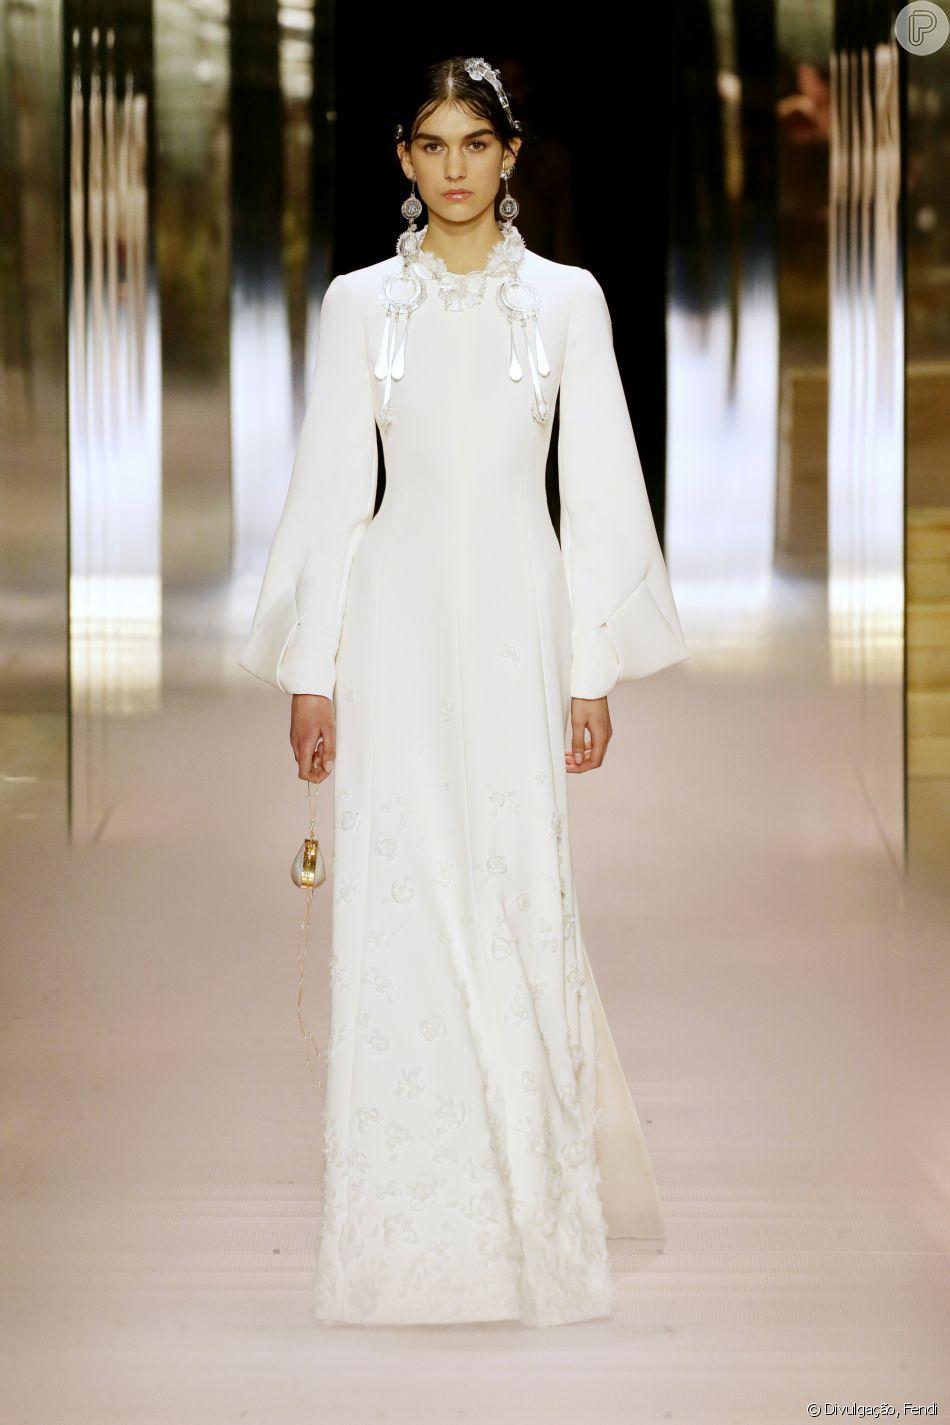 Semana de moda de alta-costura de Paris tem acessórios surrealistas